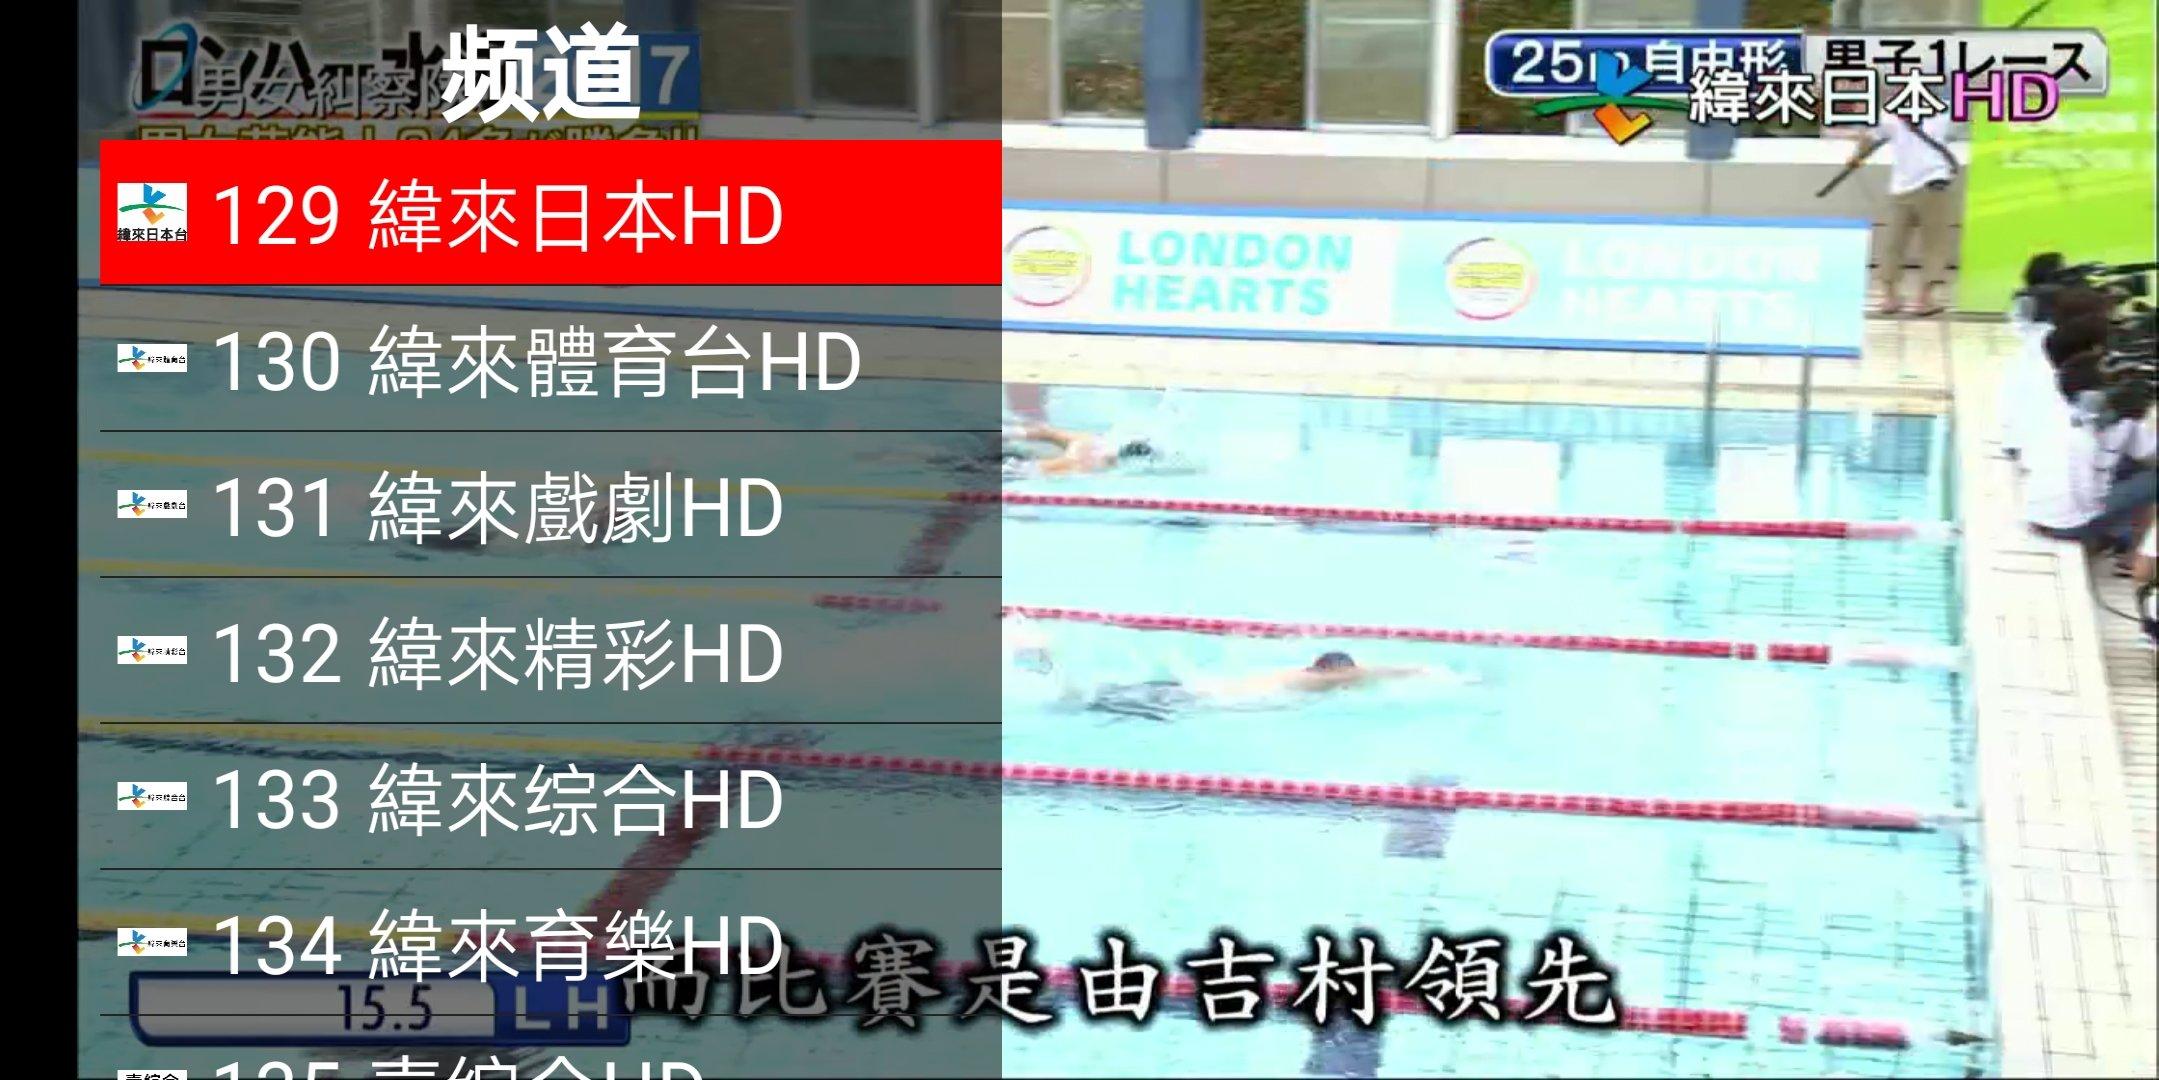 好運來網路 TV 0805版